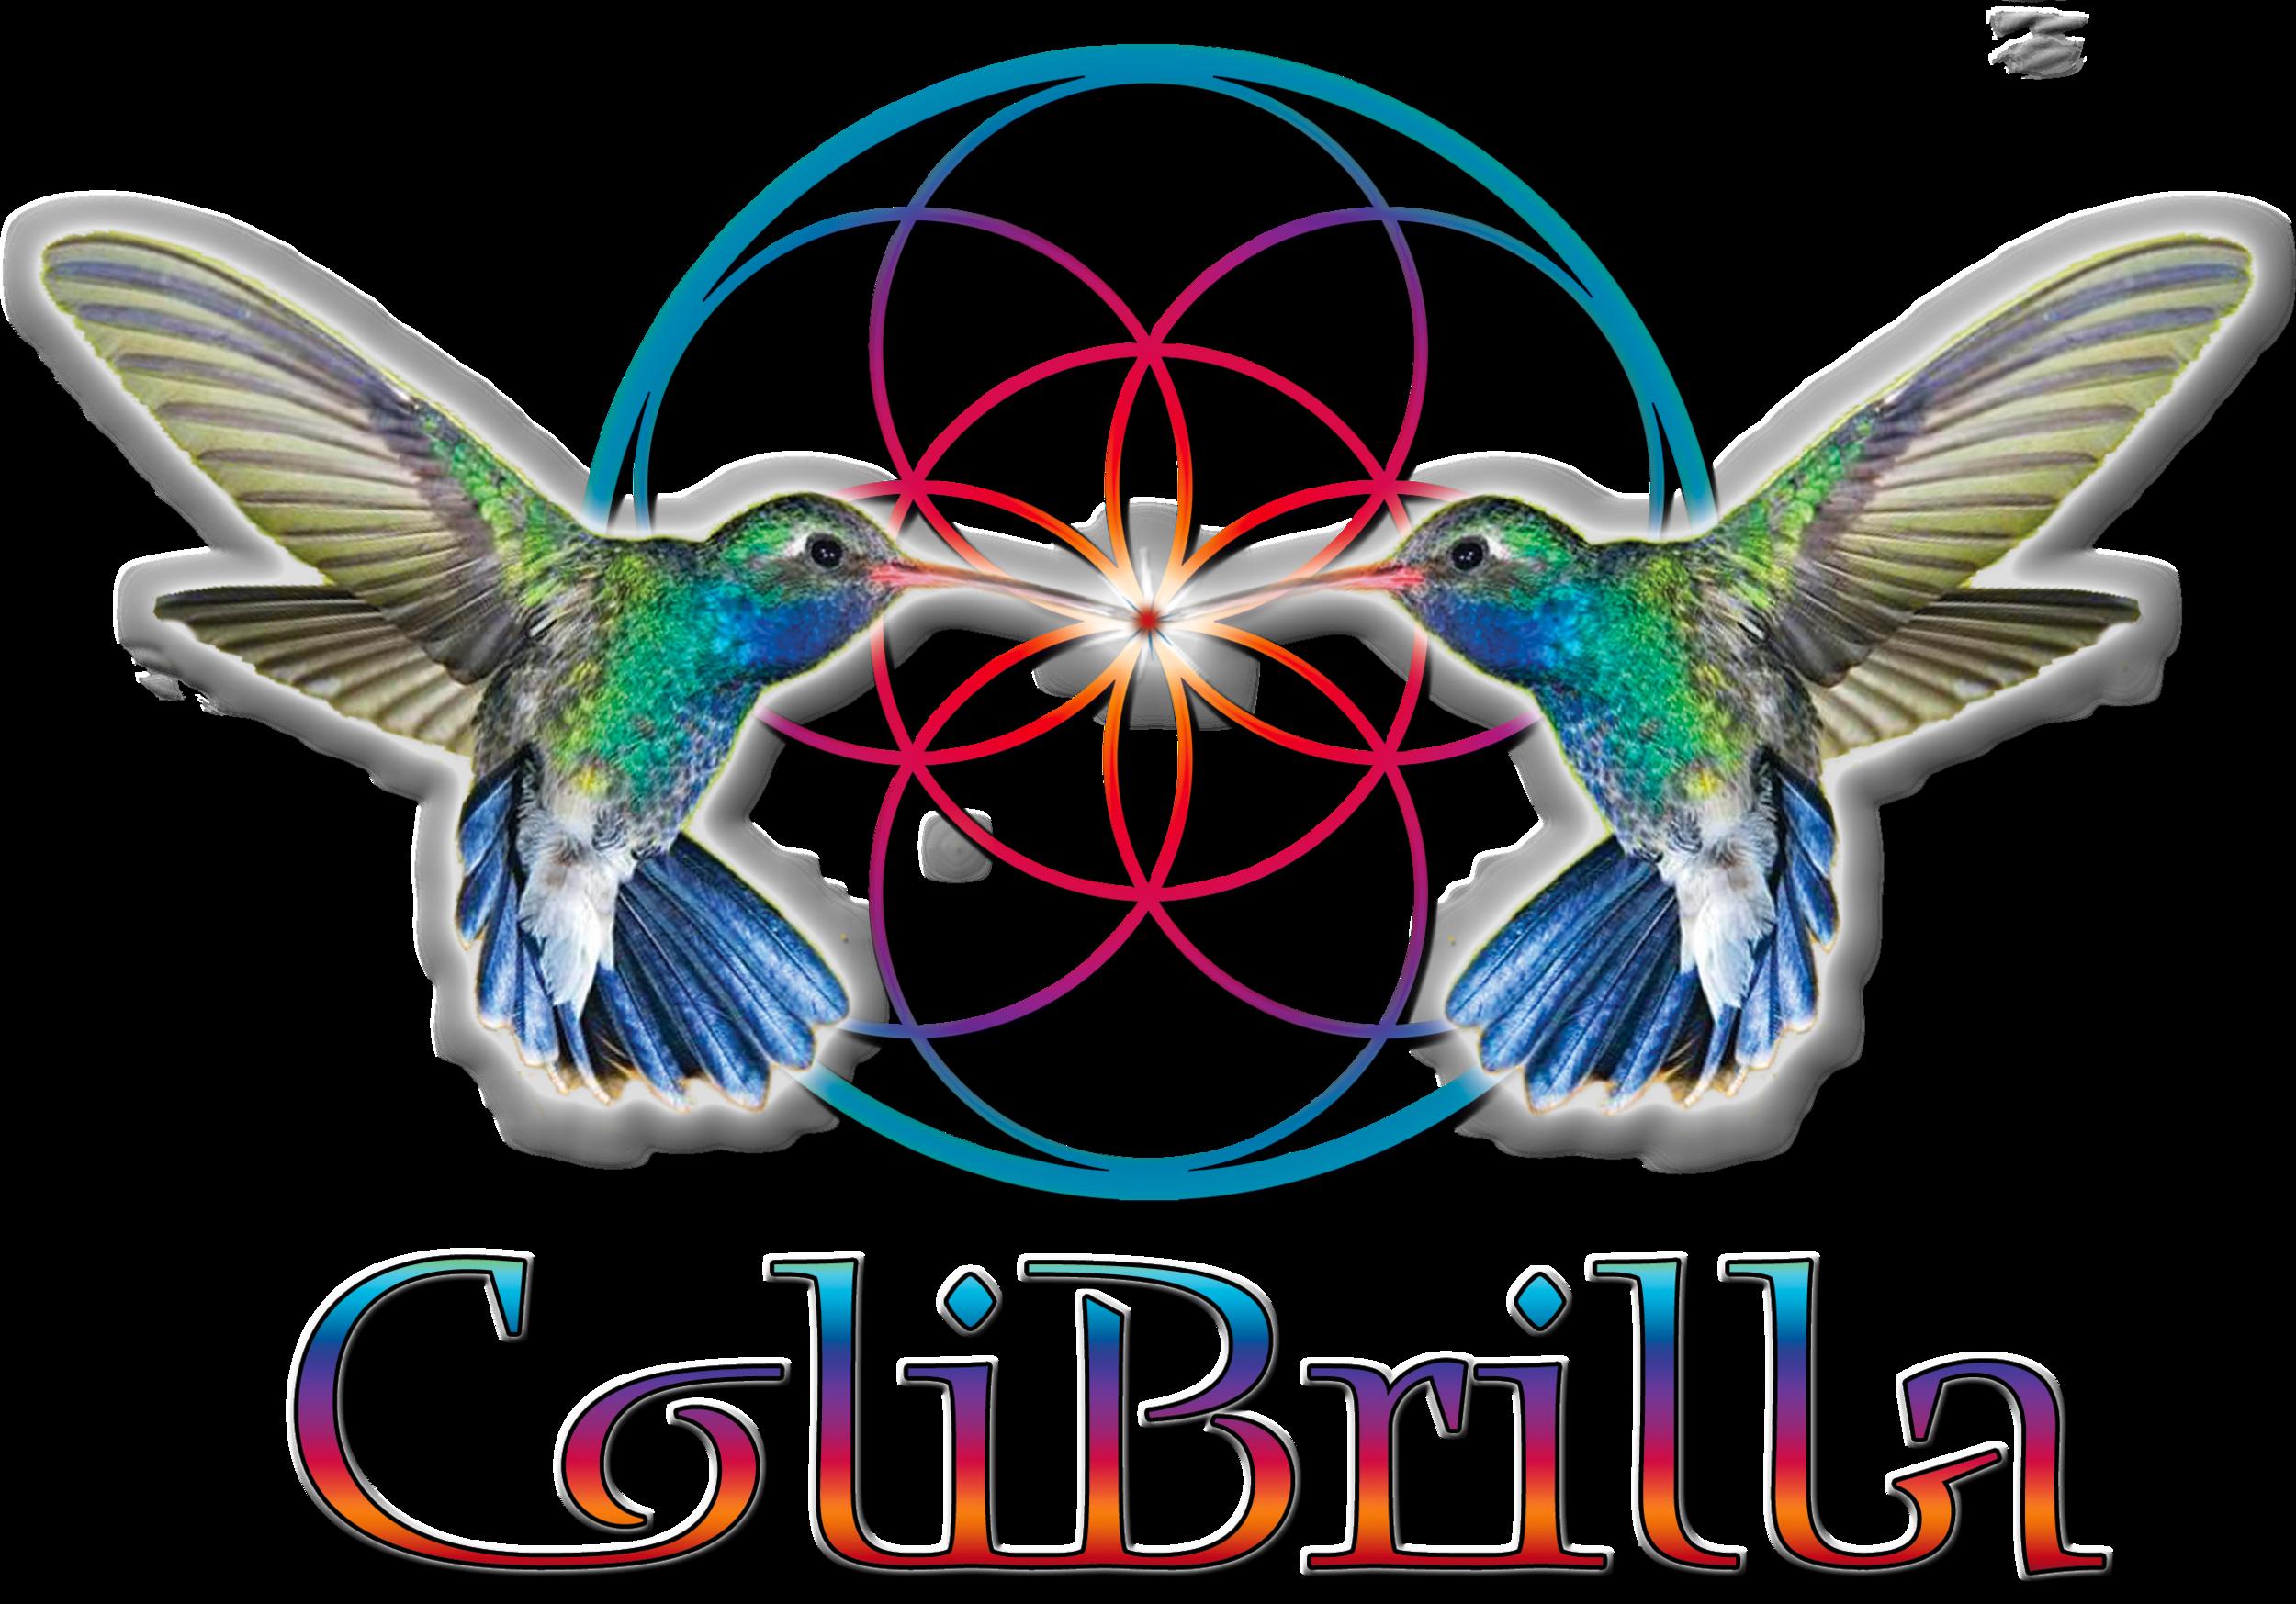 Colibrilla_logo.png